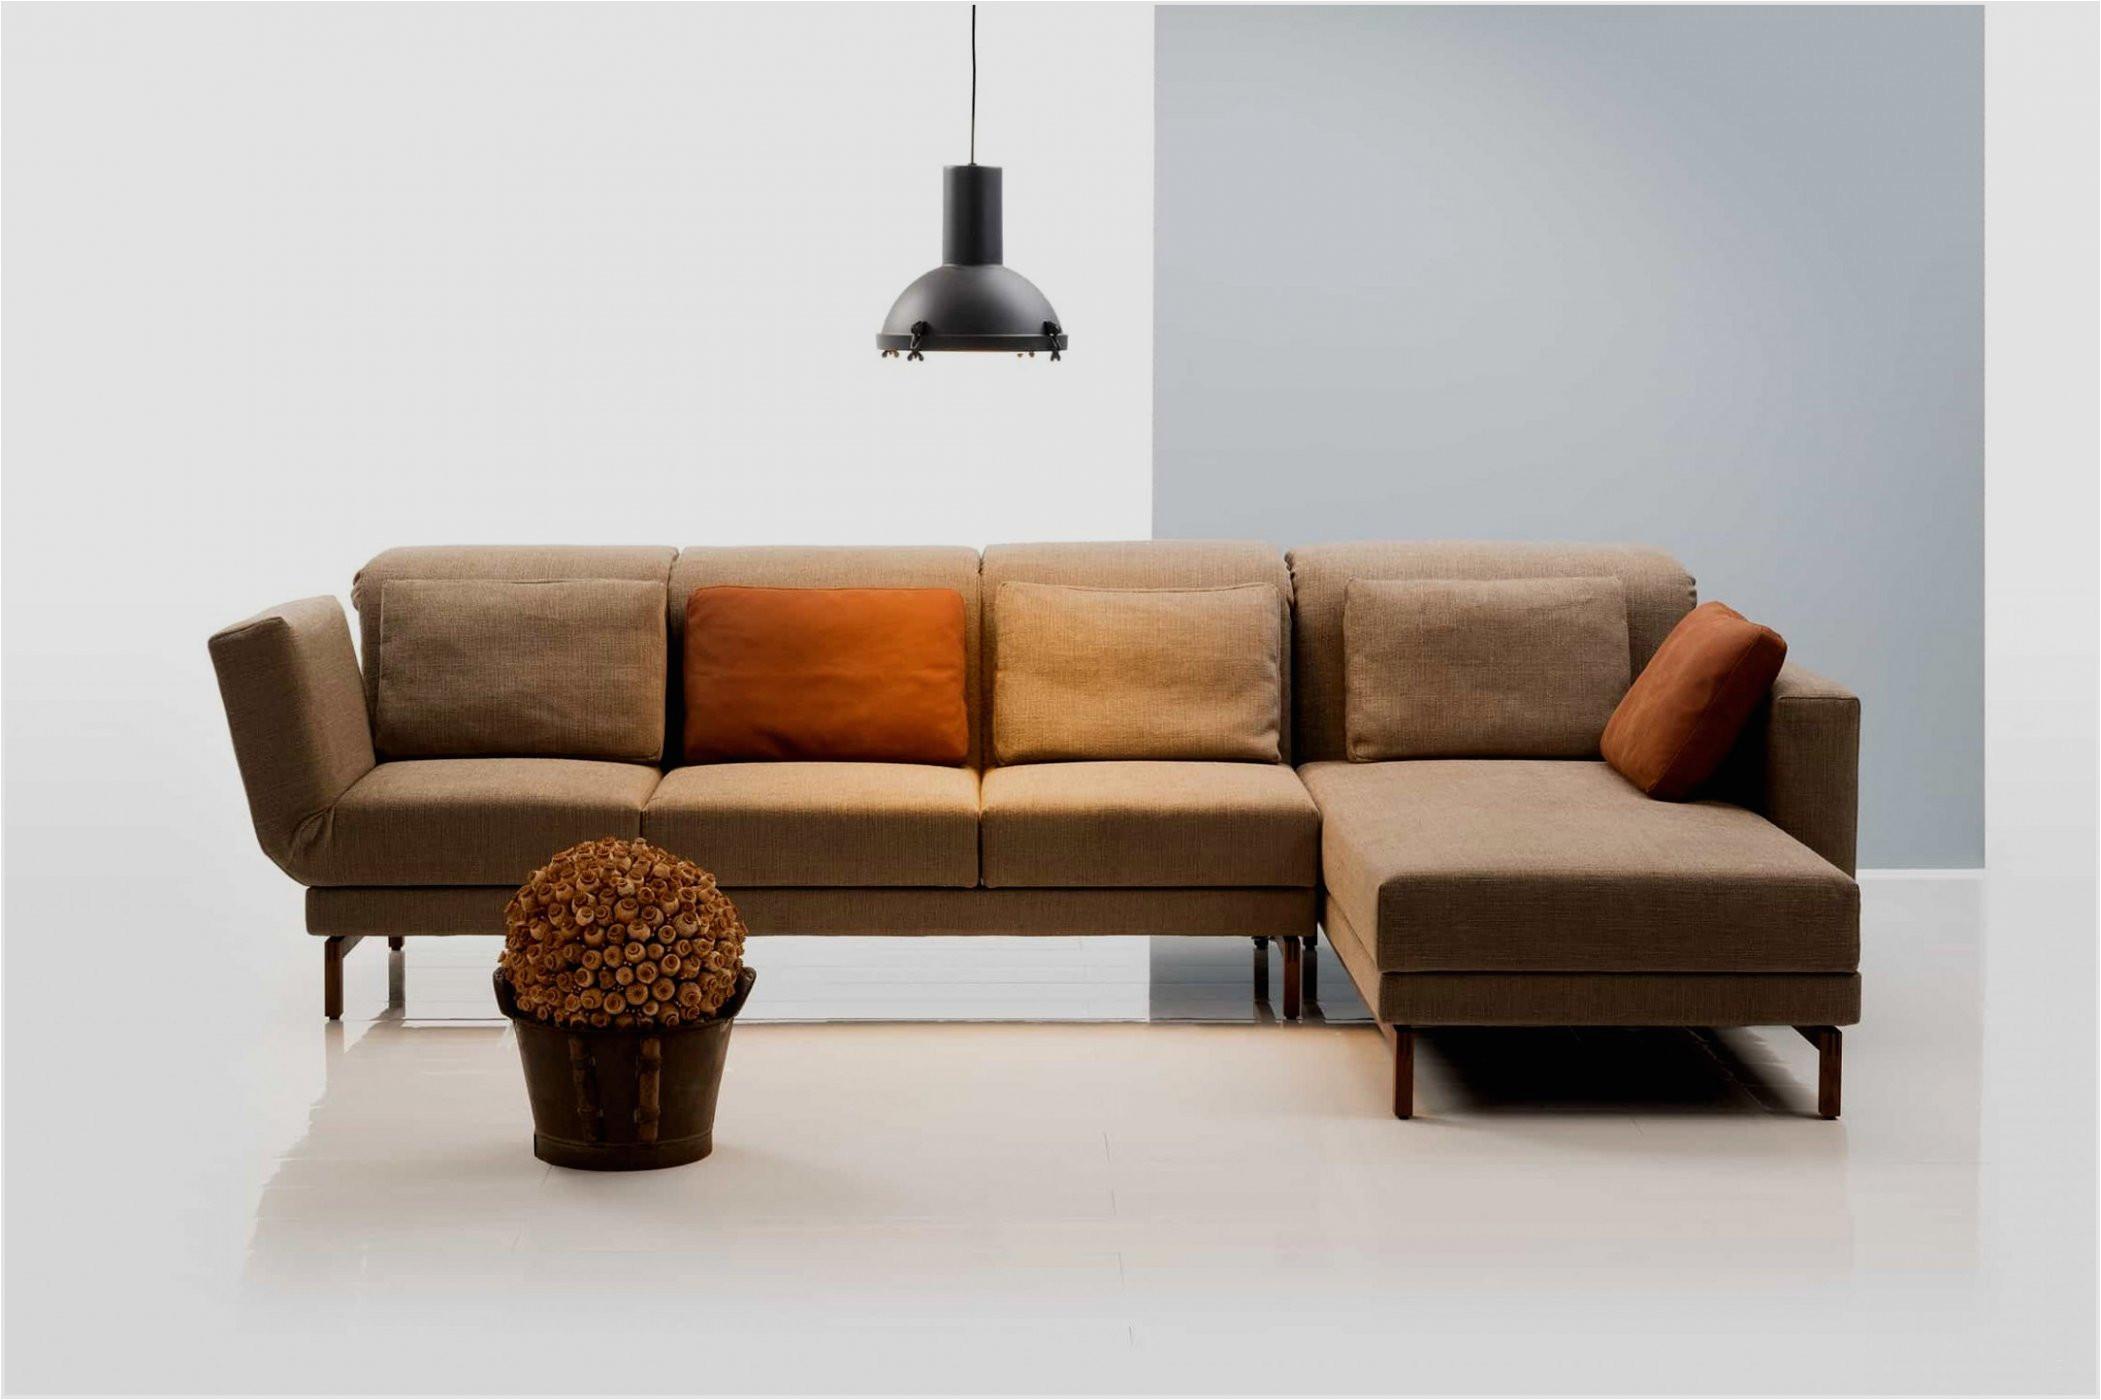 sofa or couch elegant vintage eck sofa zusammen einzigartig eck sofas 0d archives schon